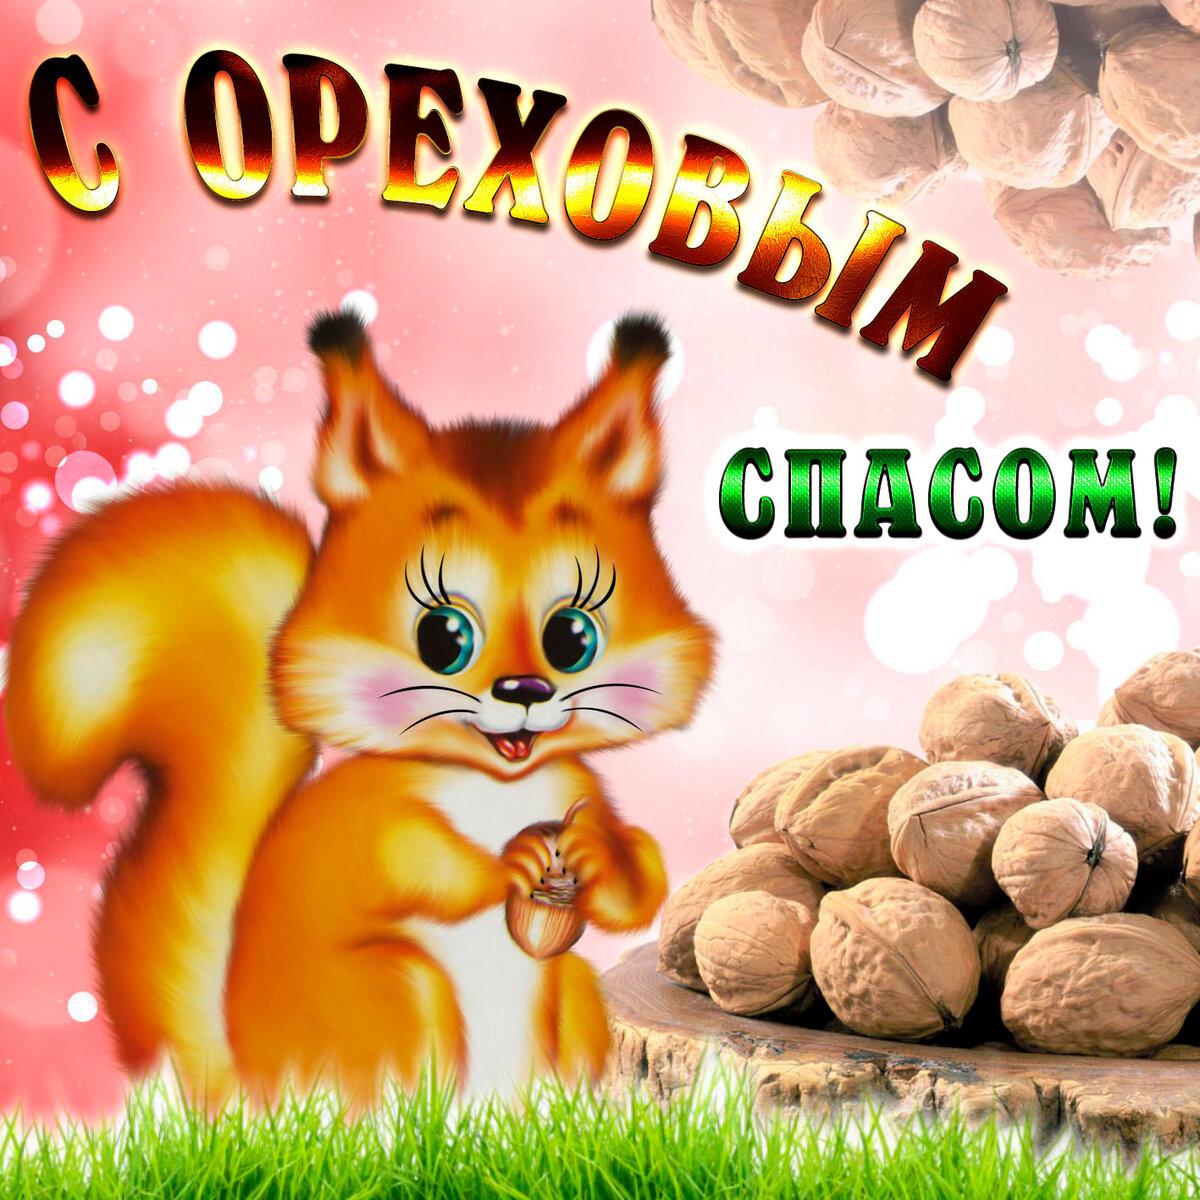 Открытки, поздравить с ореховым спасом в картинках